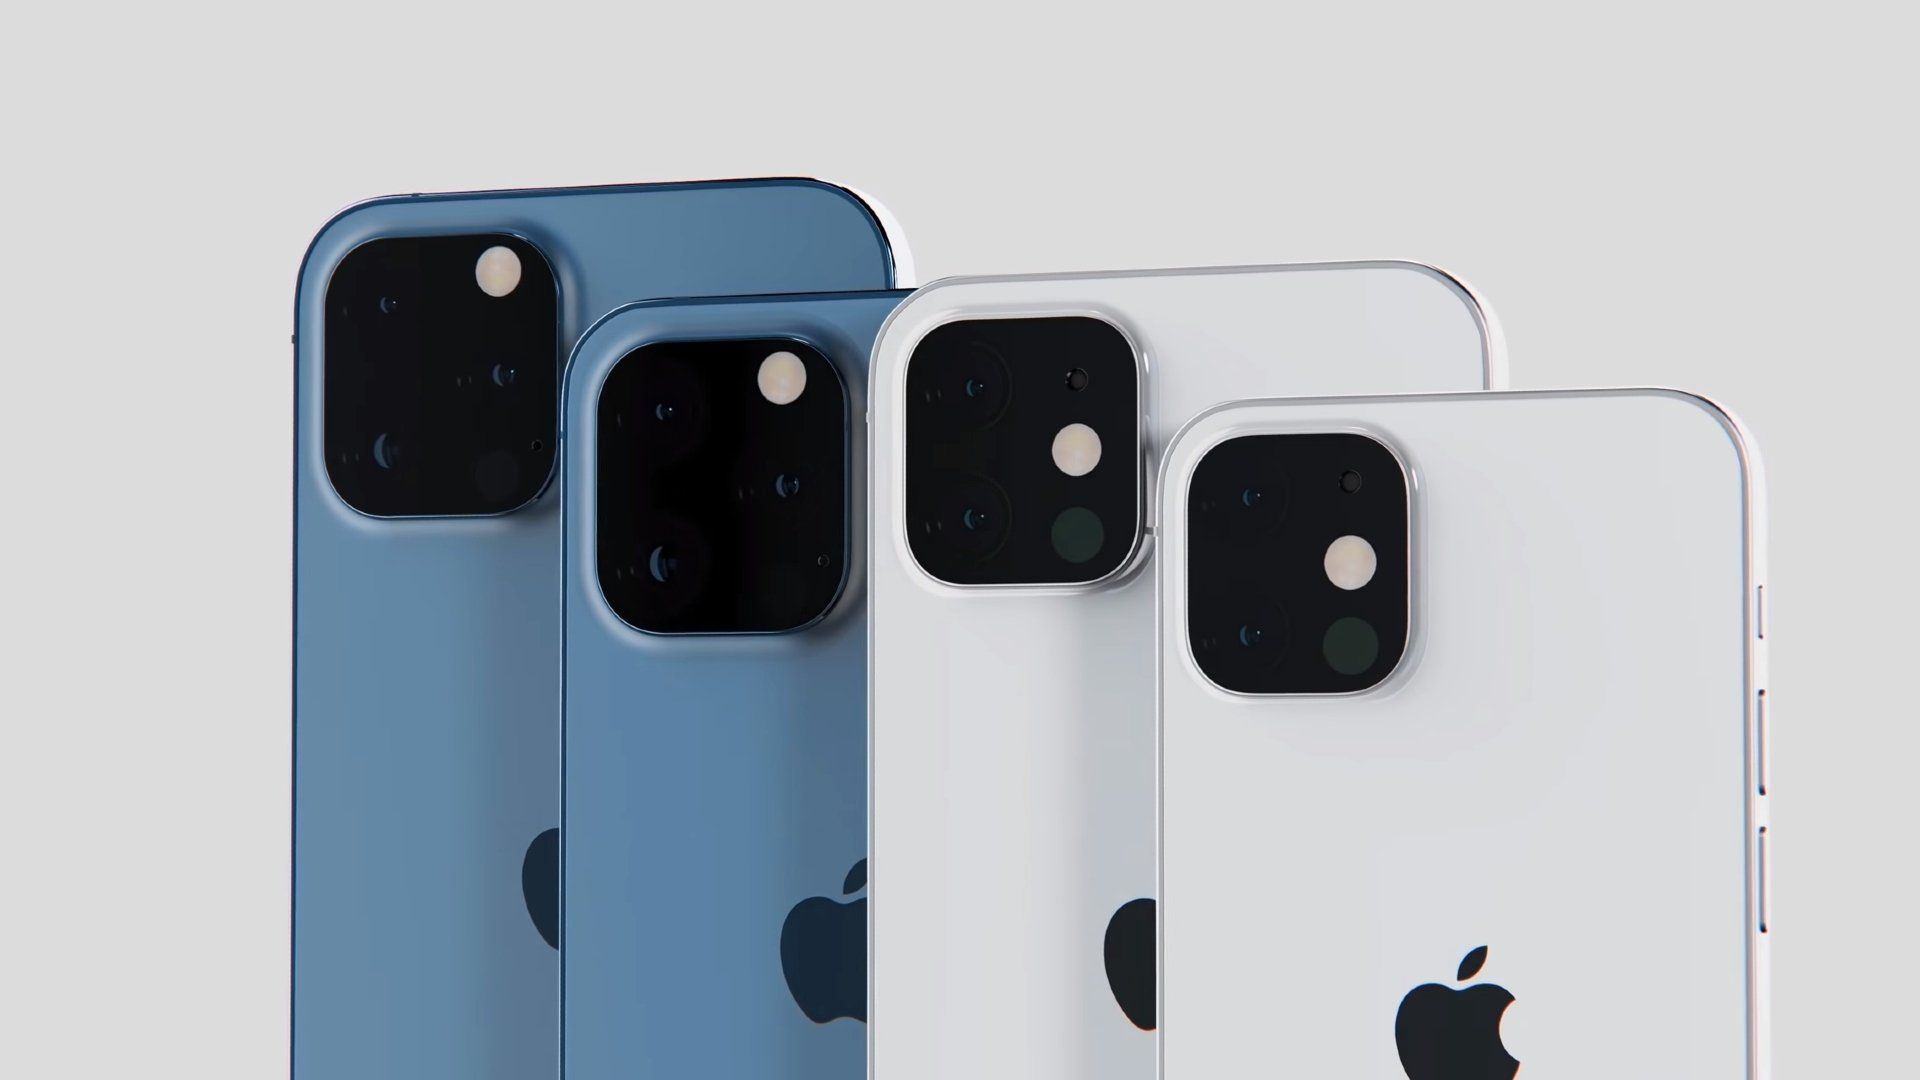 iPhone 12S dostane novú čiernu farbu a ochranu pred otlačkami prstov